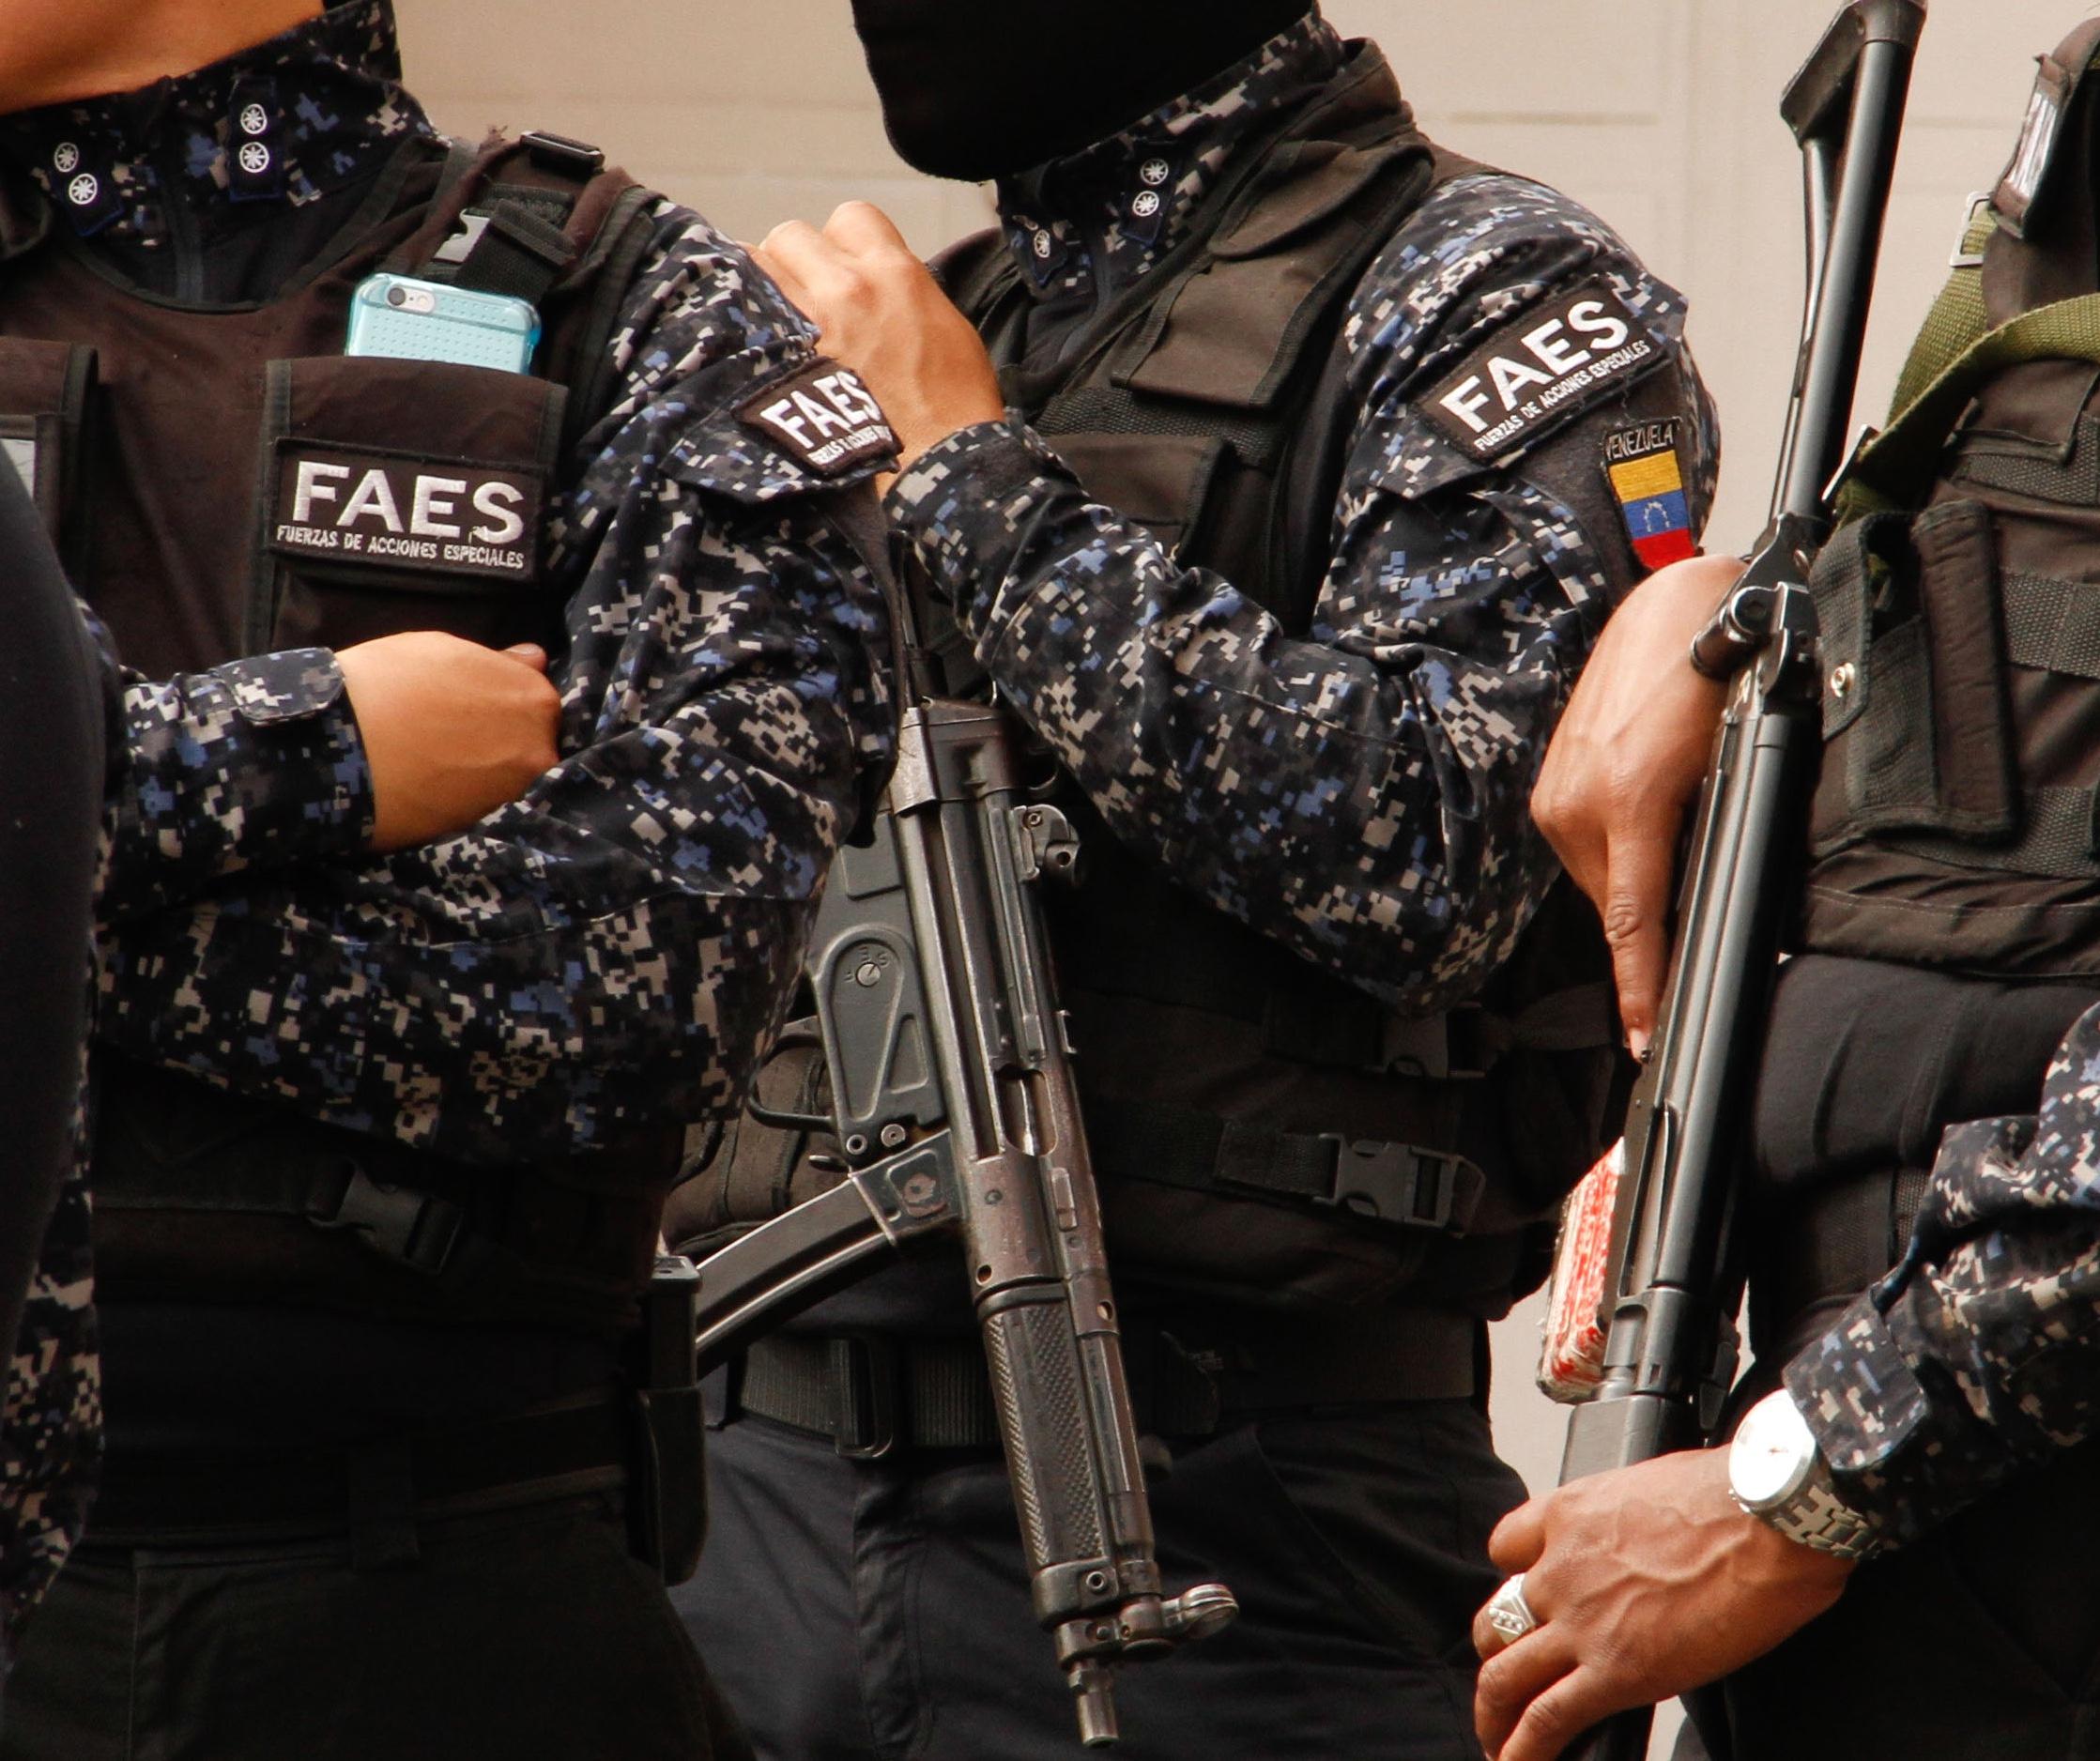 #MonitorDeVíctimas | PNB y FAES asesinaron a ocho hombres en menos de 24 horas en Lara